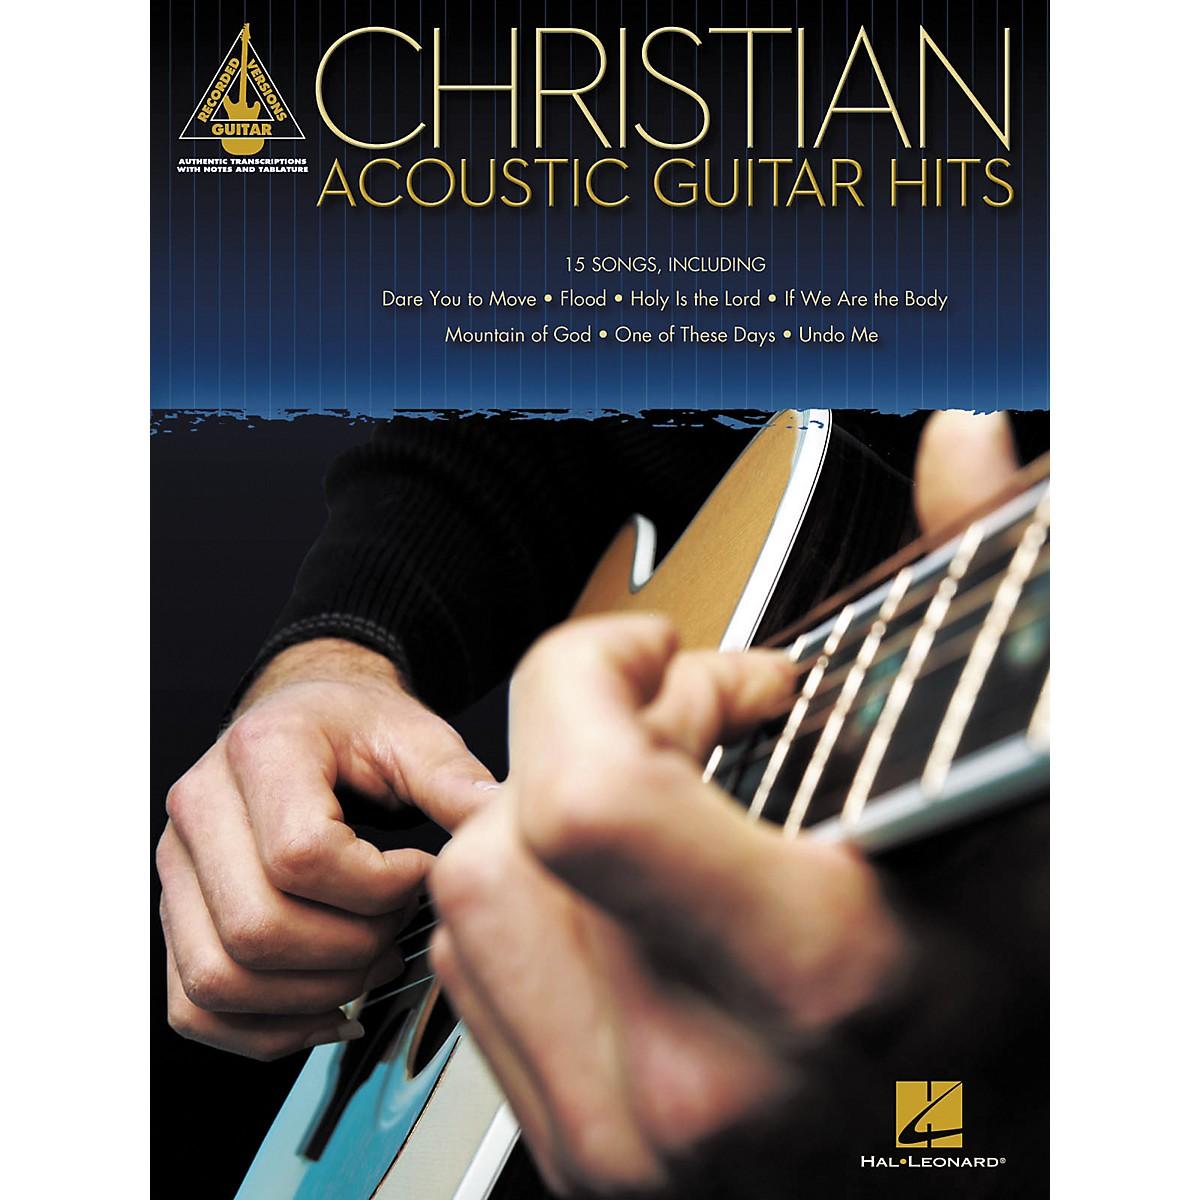 Hal Leonard CHRISTIAN ACOUSTIC GUITAR HITS GUITAR TAB SONGBOOK